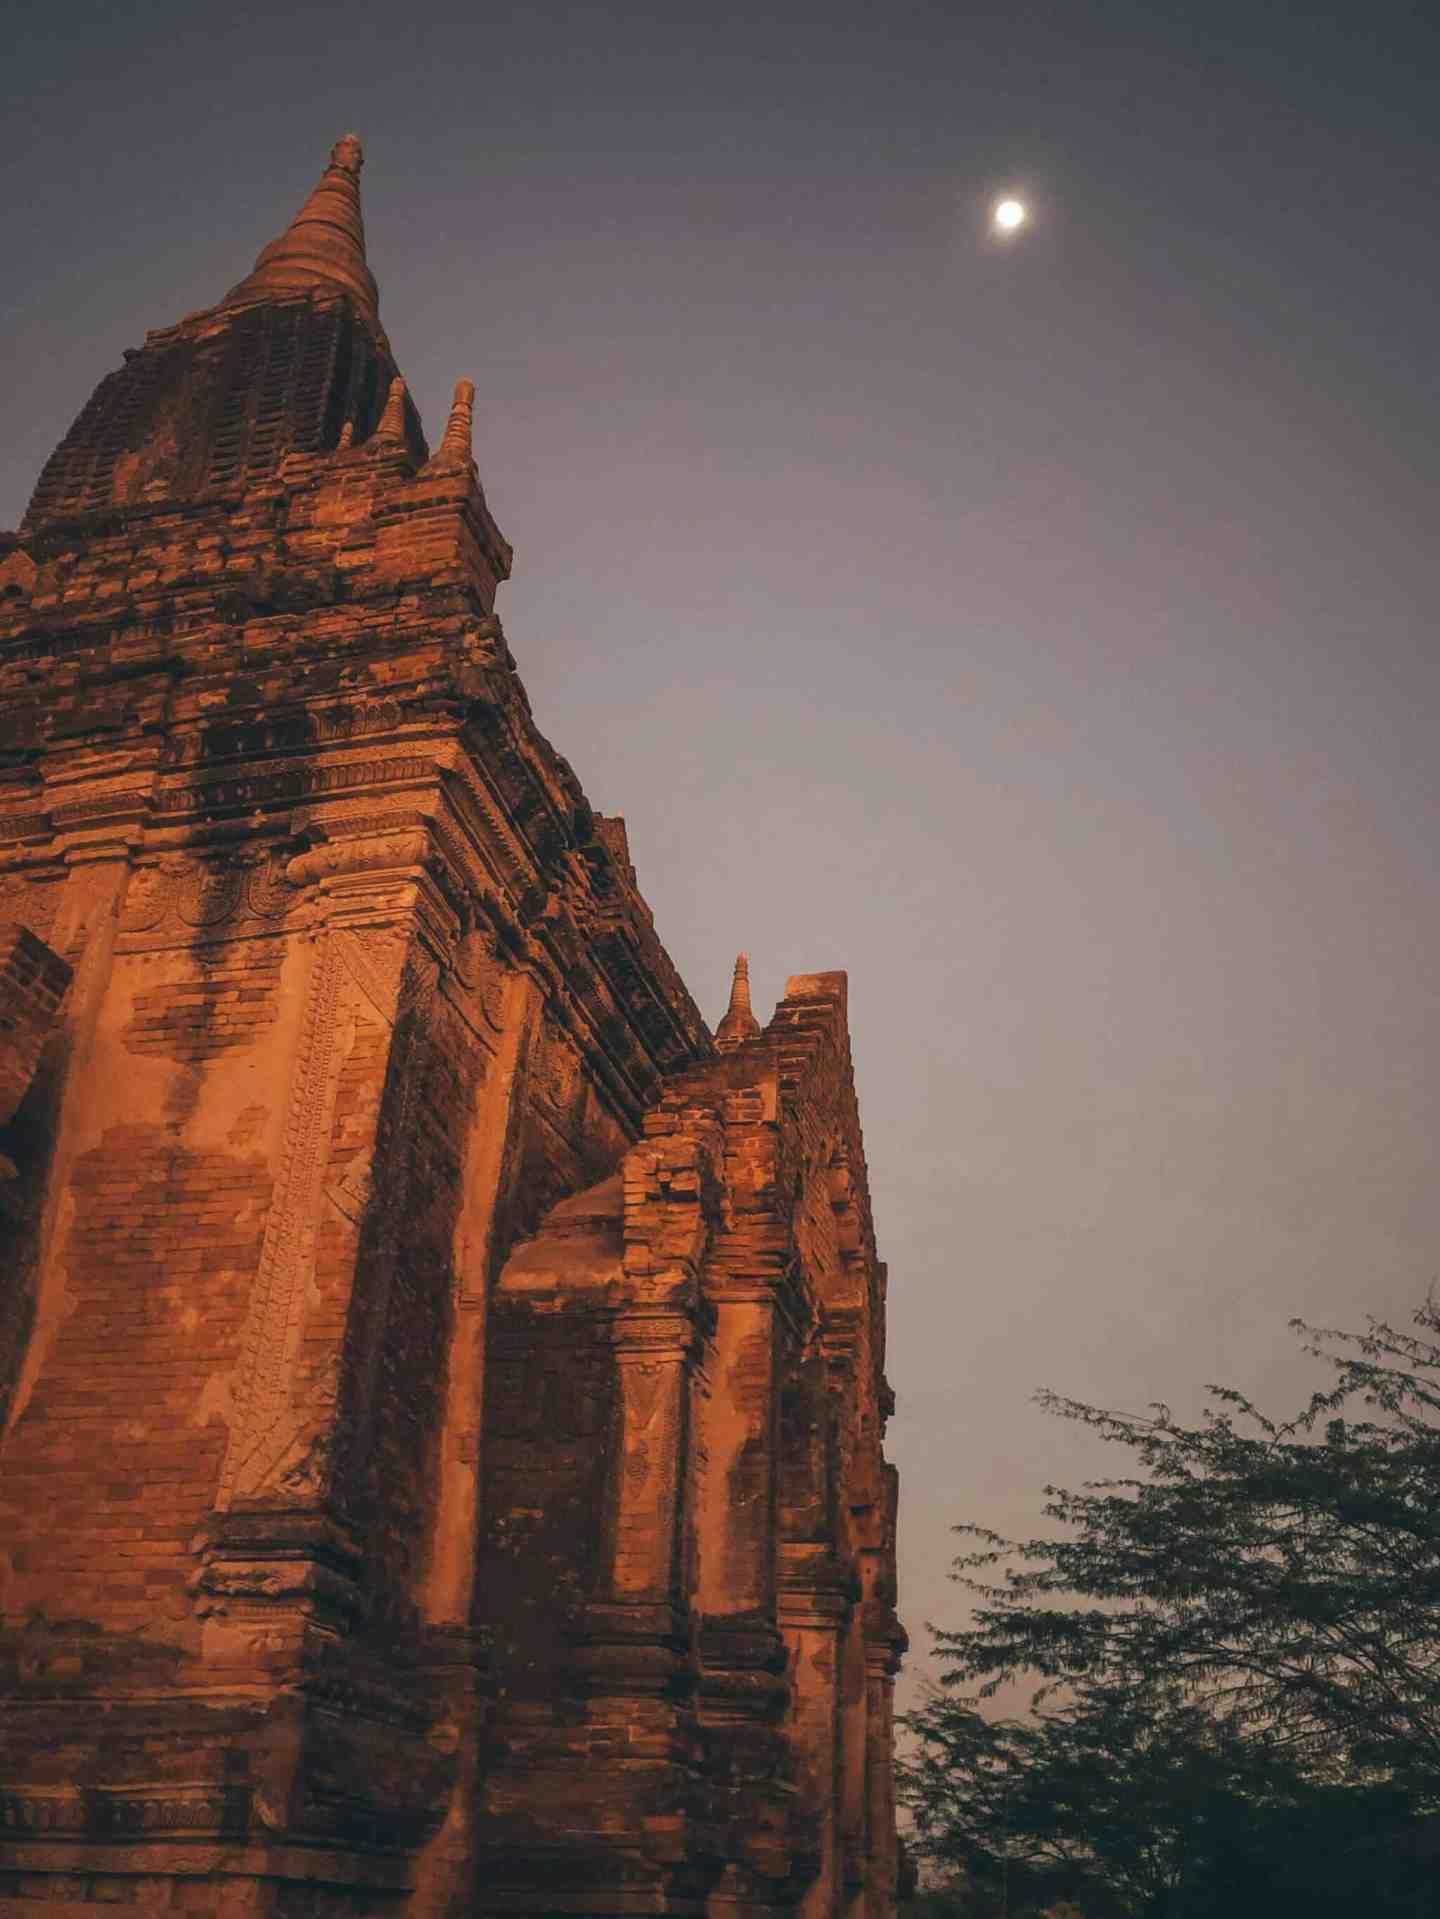 Moonlight in Bagan